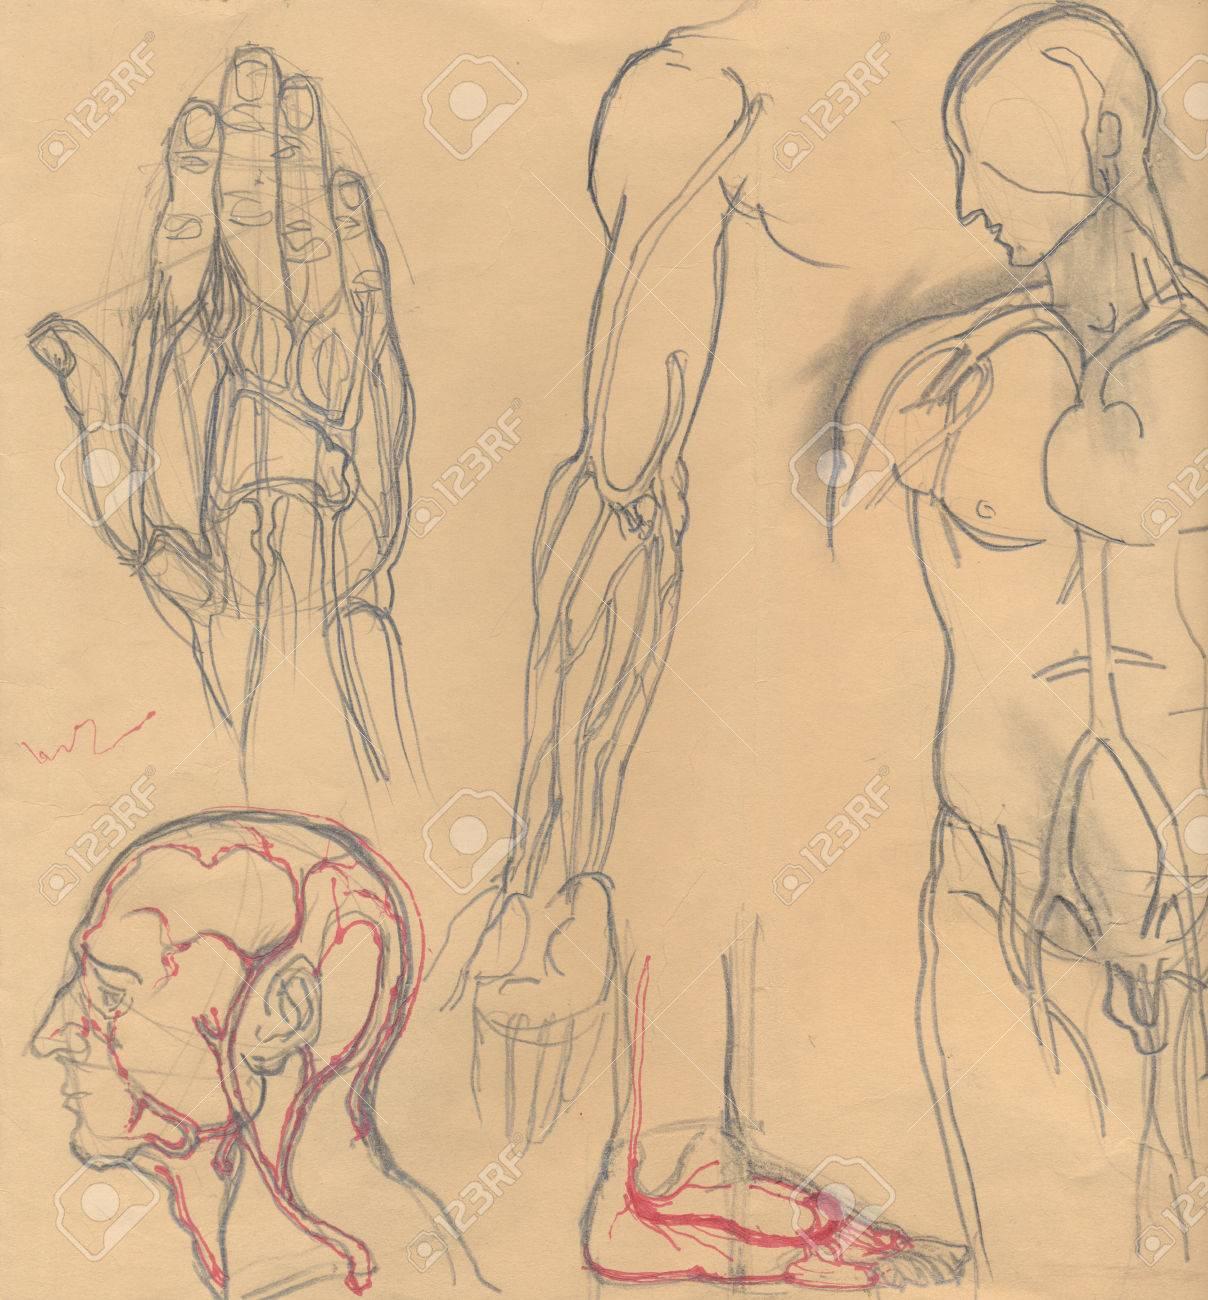 Hand Gezeichnete Illustrationen Von Verschiedenen Menschlichen ...